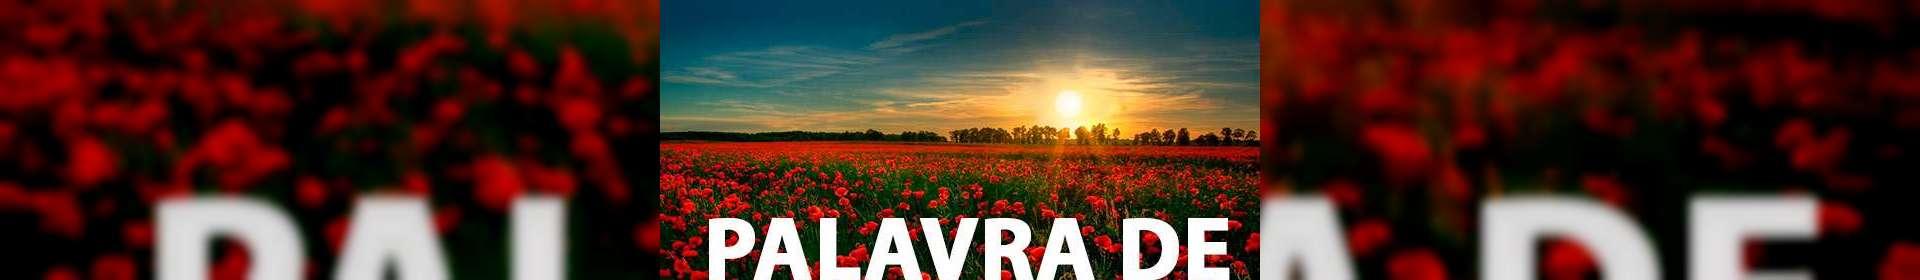 Salmos 107:1-7 - Uma Palavra de Esperança para sua vida